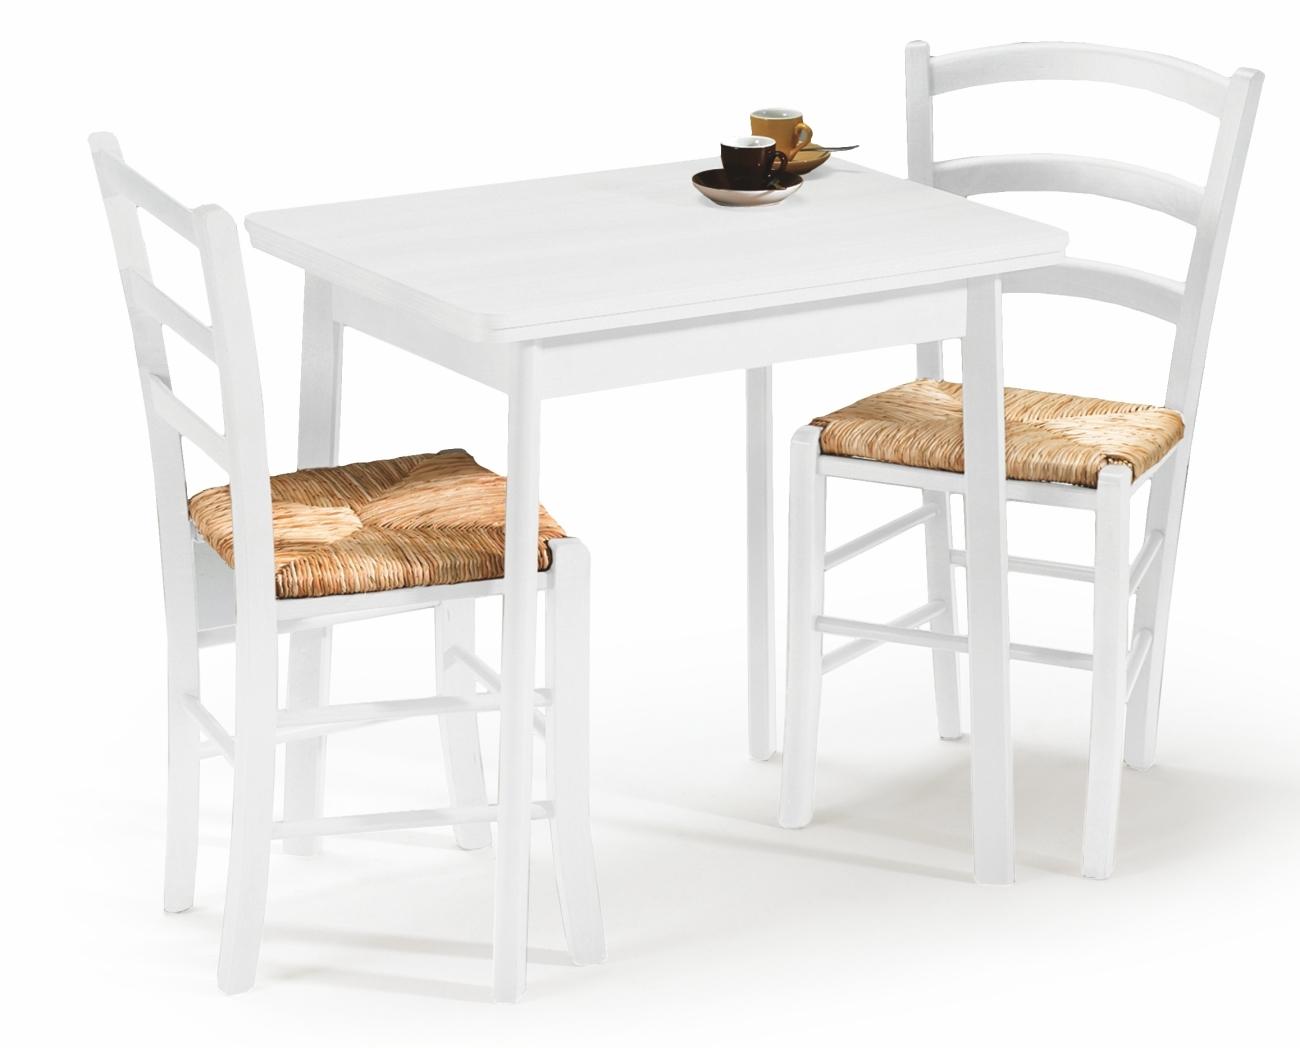 Jedálenský stôl - Halmar - Enter (pre 4 osoby)